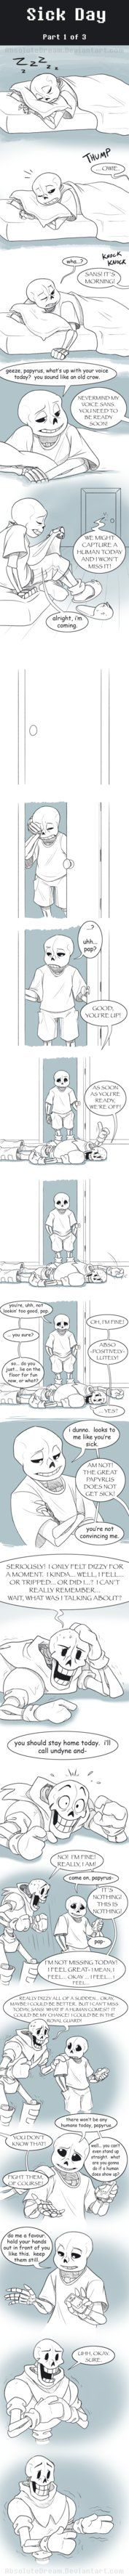 UT Comic: Sick Day Part1 by AbsoluteDream.deviantart.com on @DeviantArt